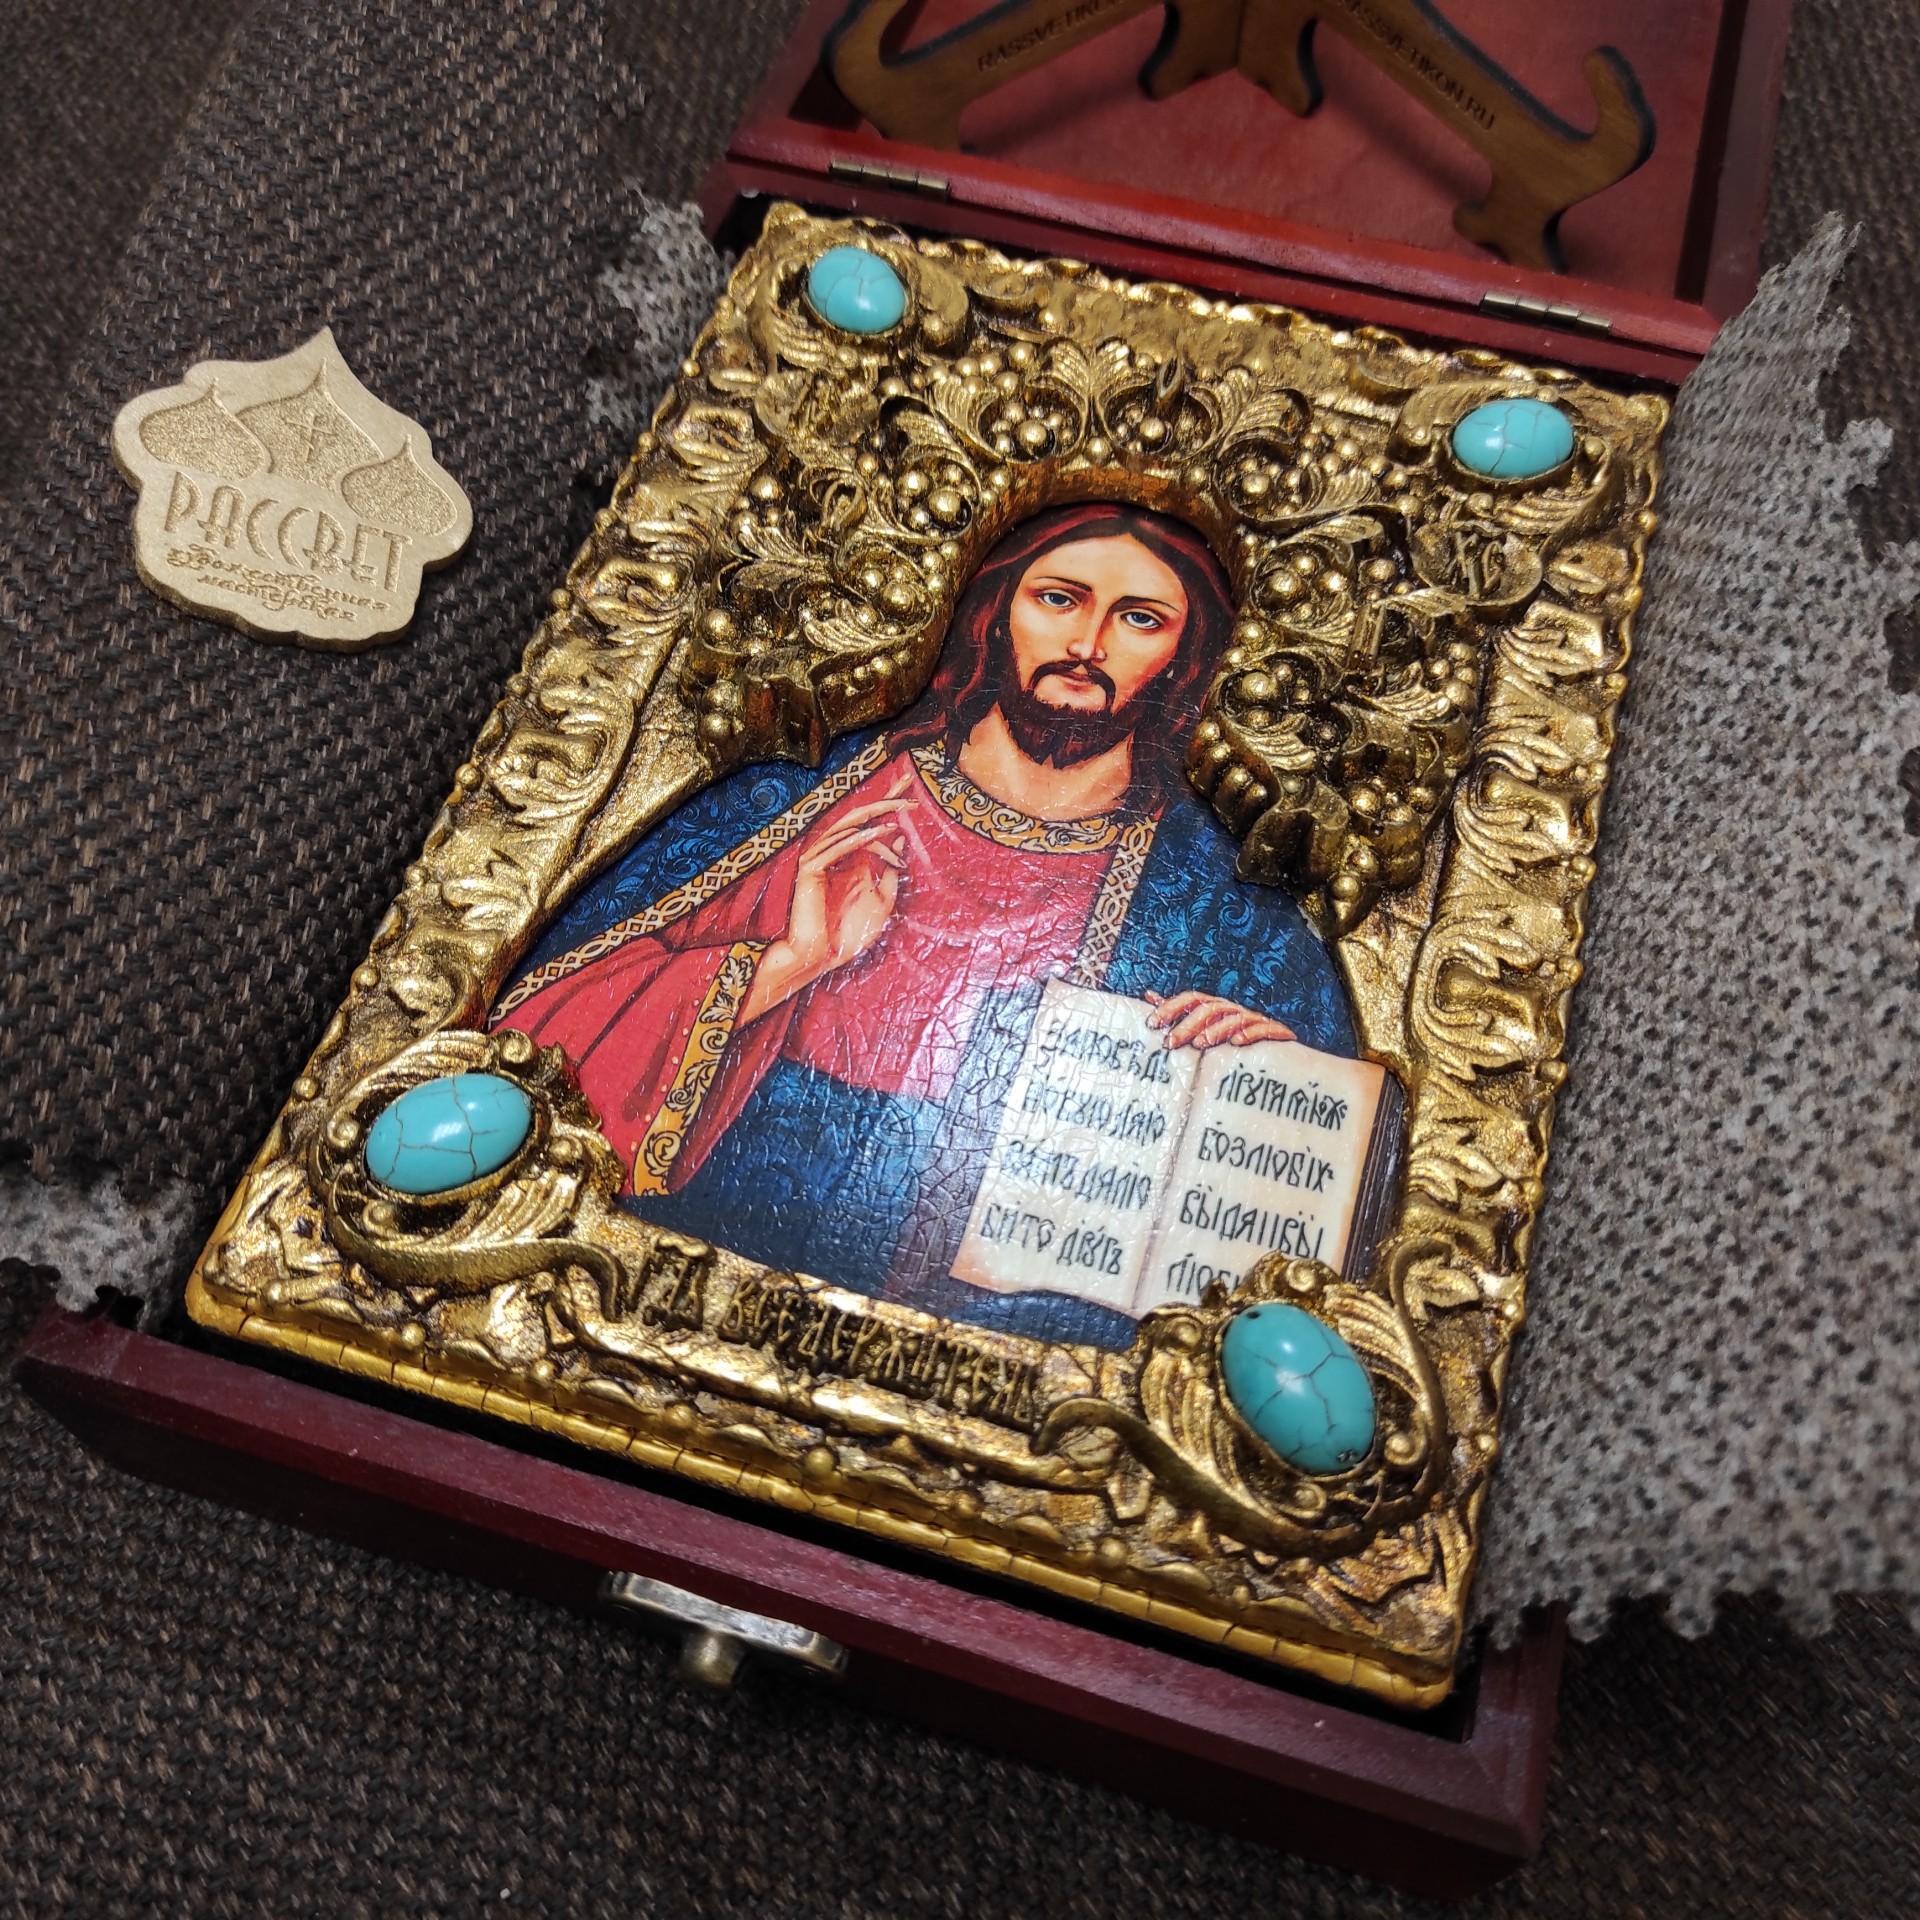 Фото подарочной иконы Господа Вседержителя с иглицами, камнями бирюза уложенной в футляр другой ракурс